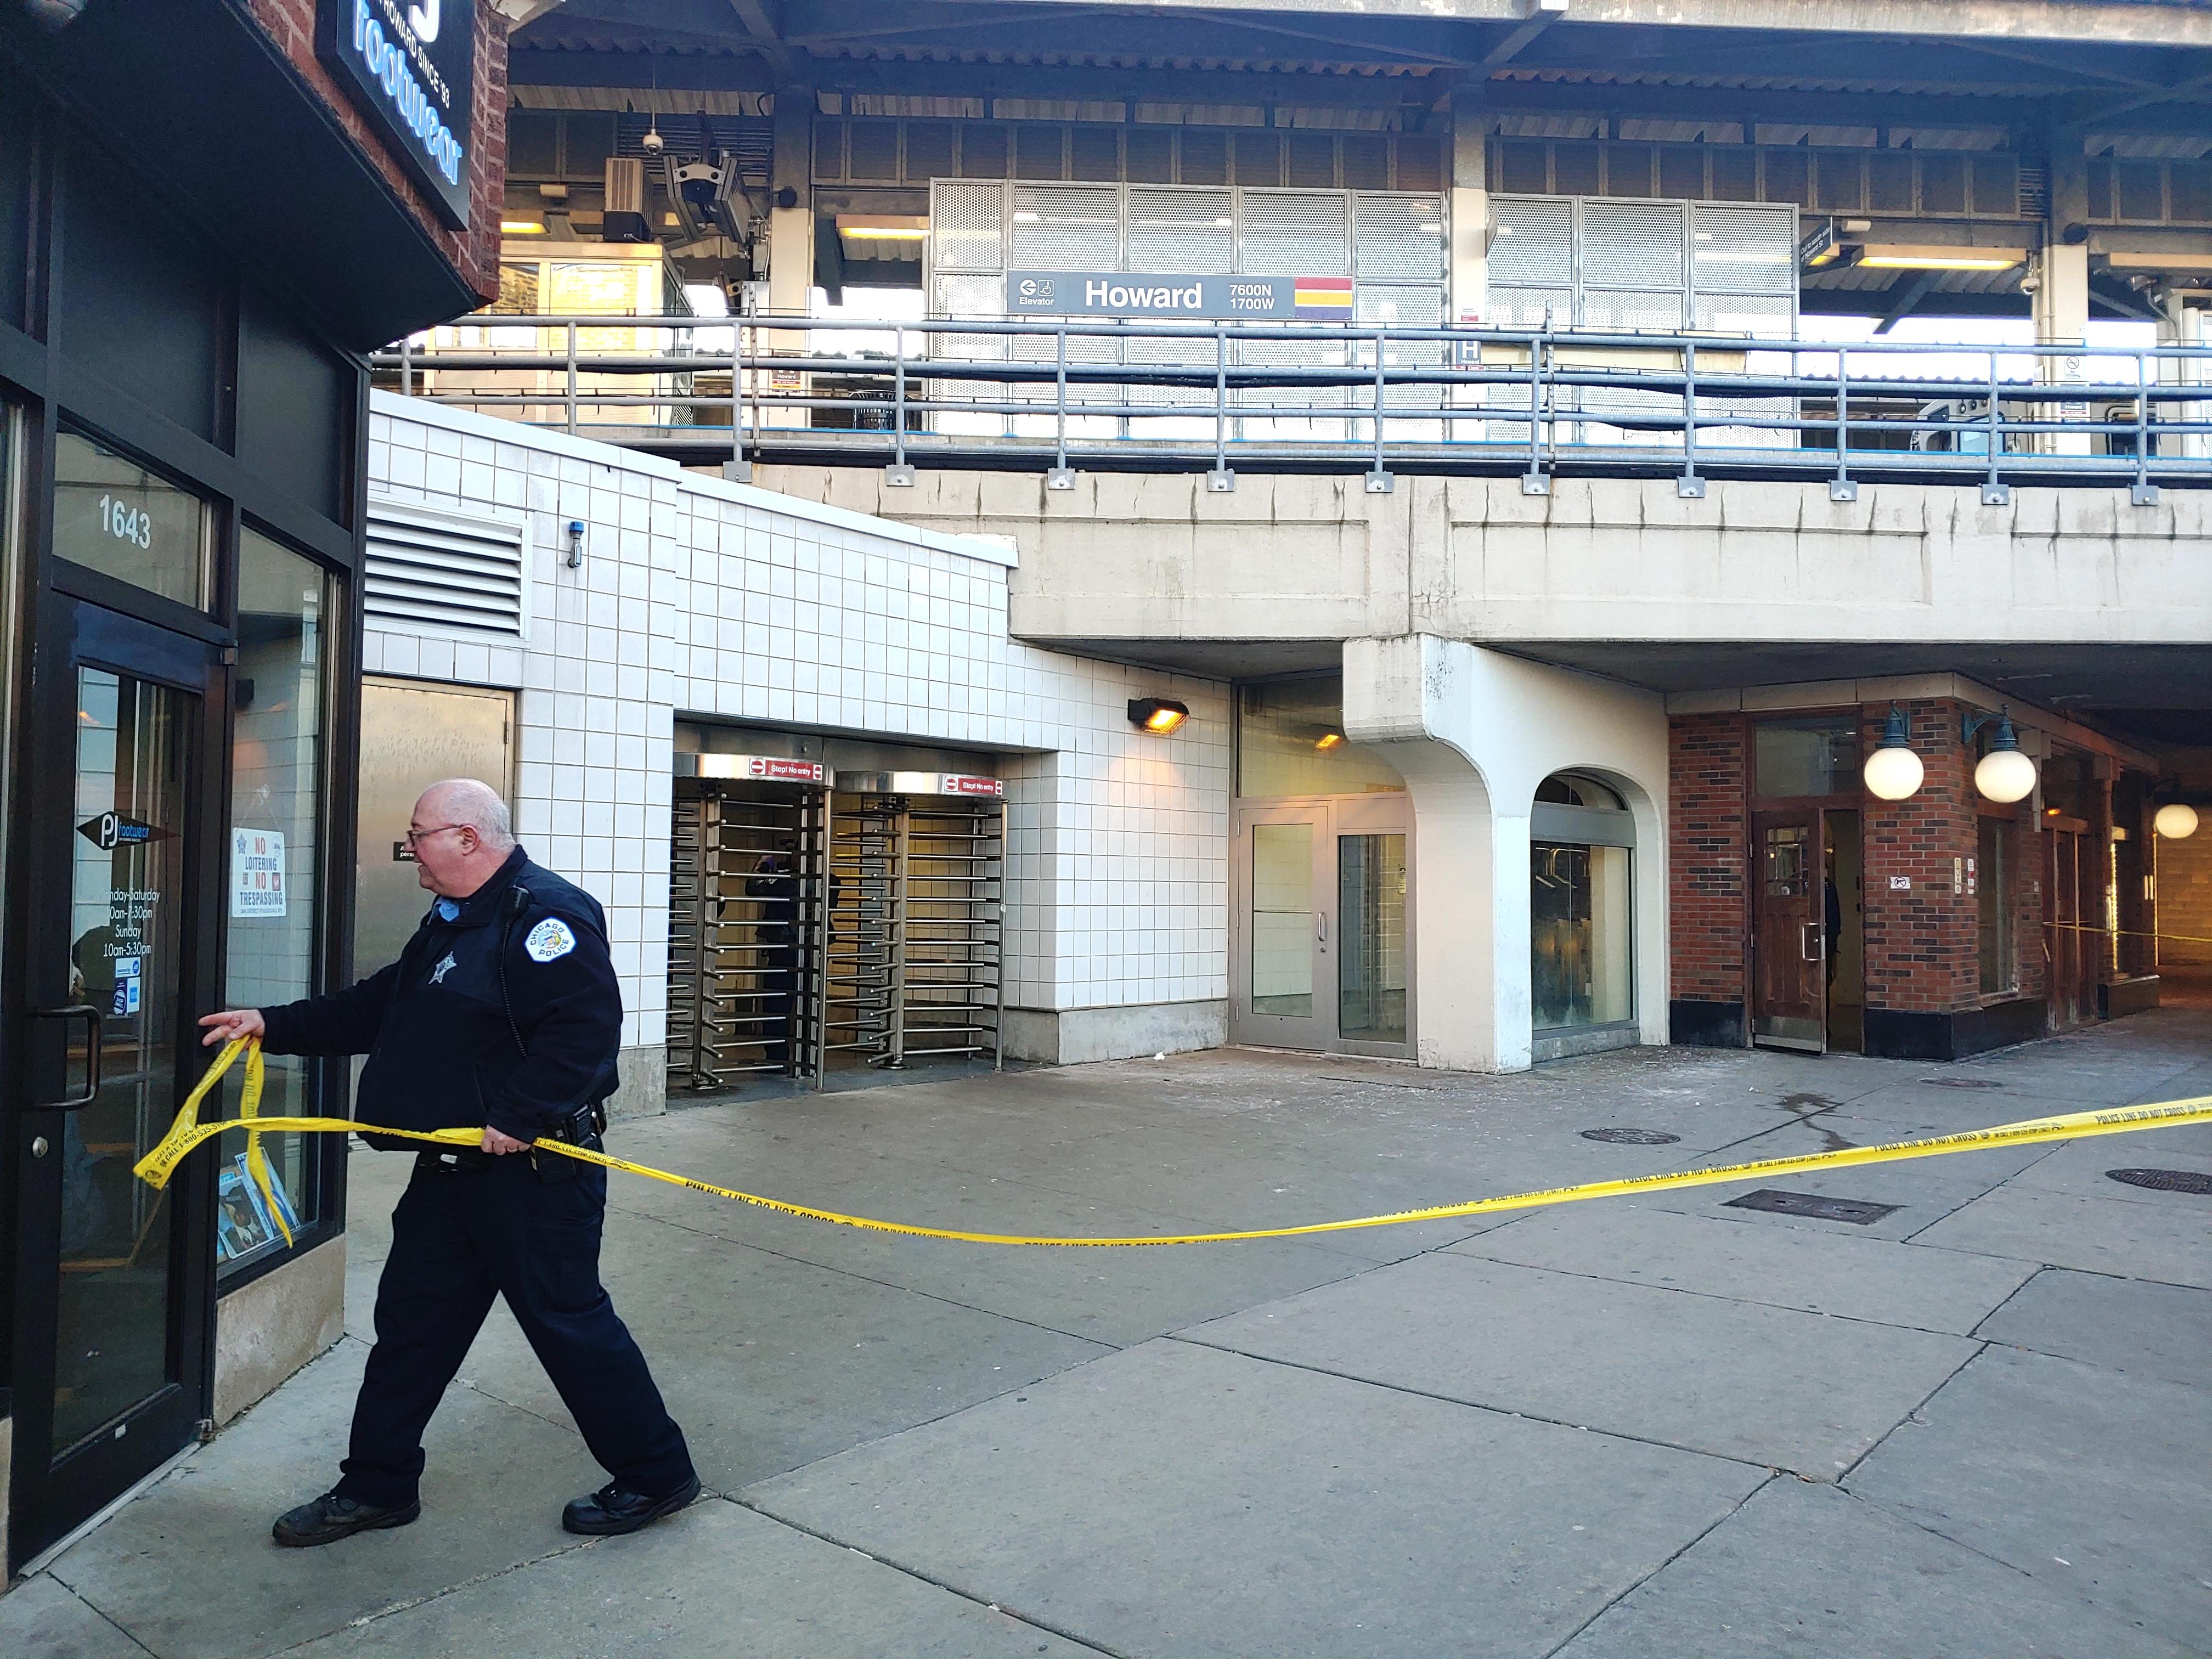 Macksantino Webb was fatally shot Dec. 3, 2019, at the CTA's Red Line station at Howard.